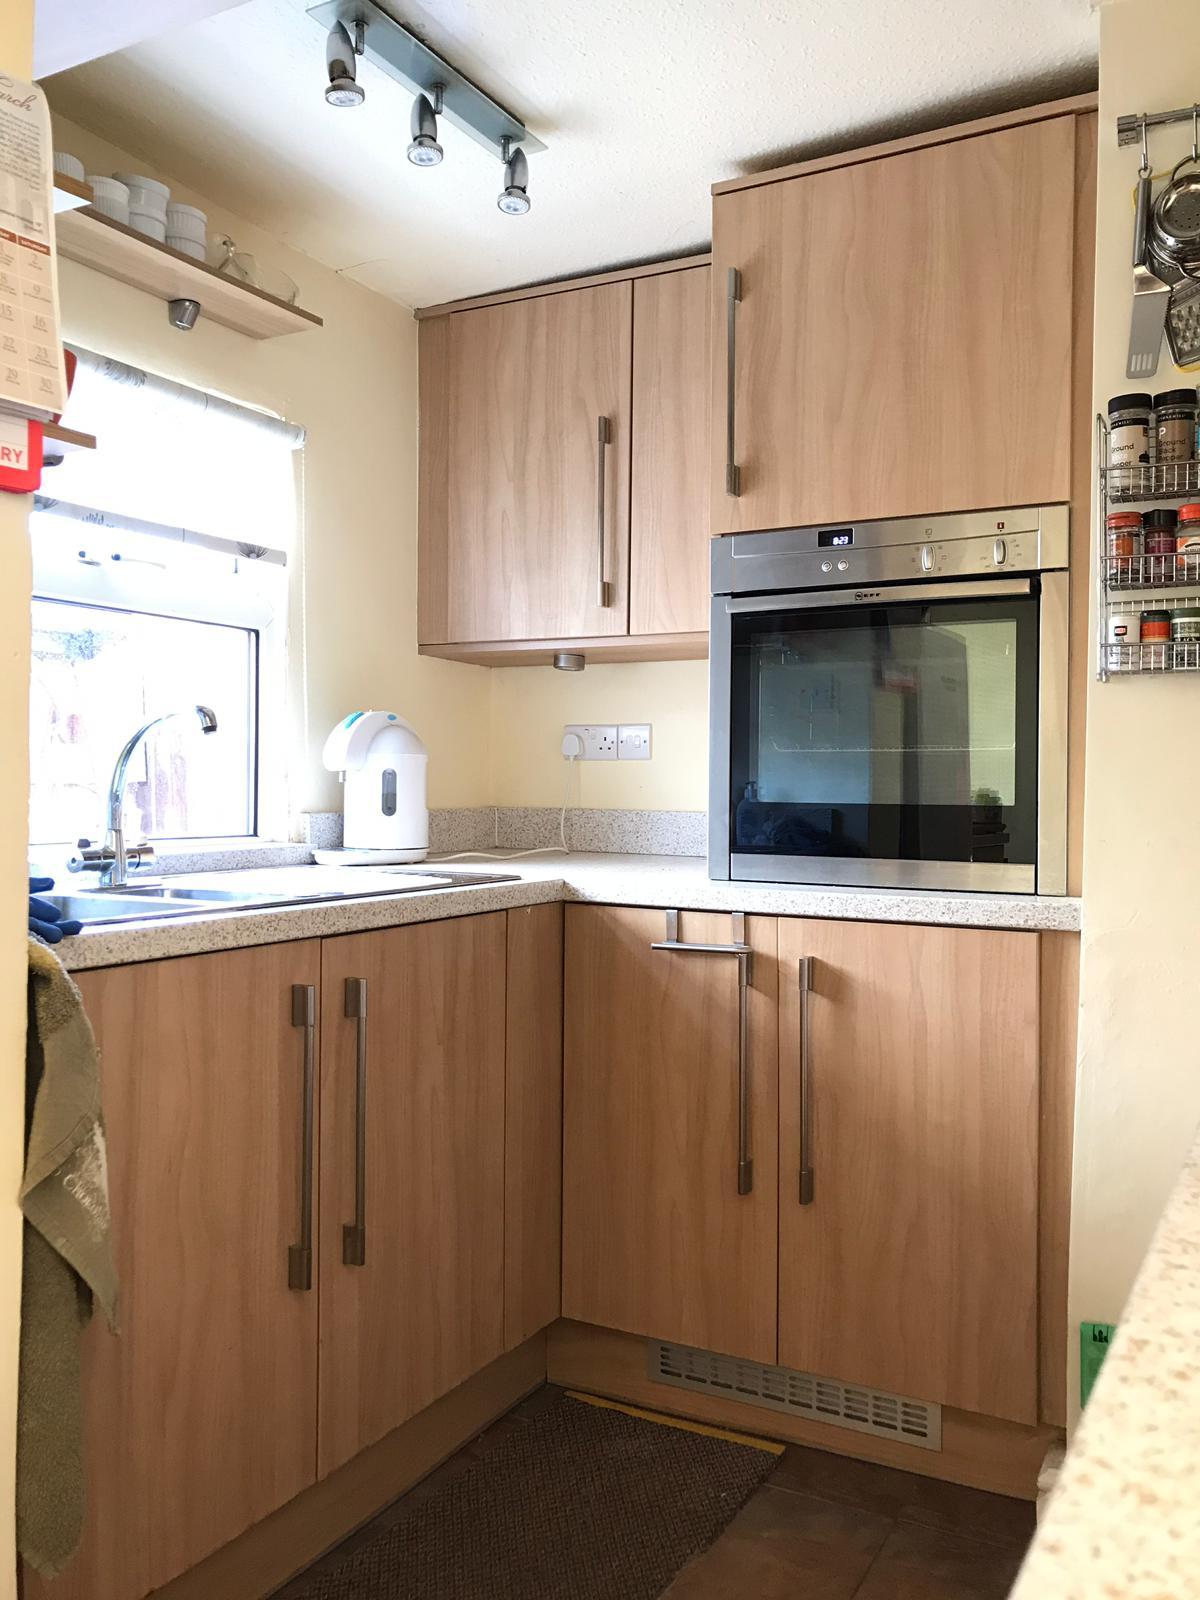 Kitchen Units in Warrington